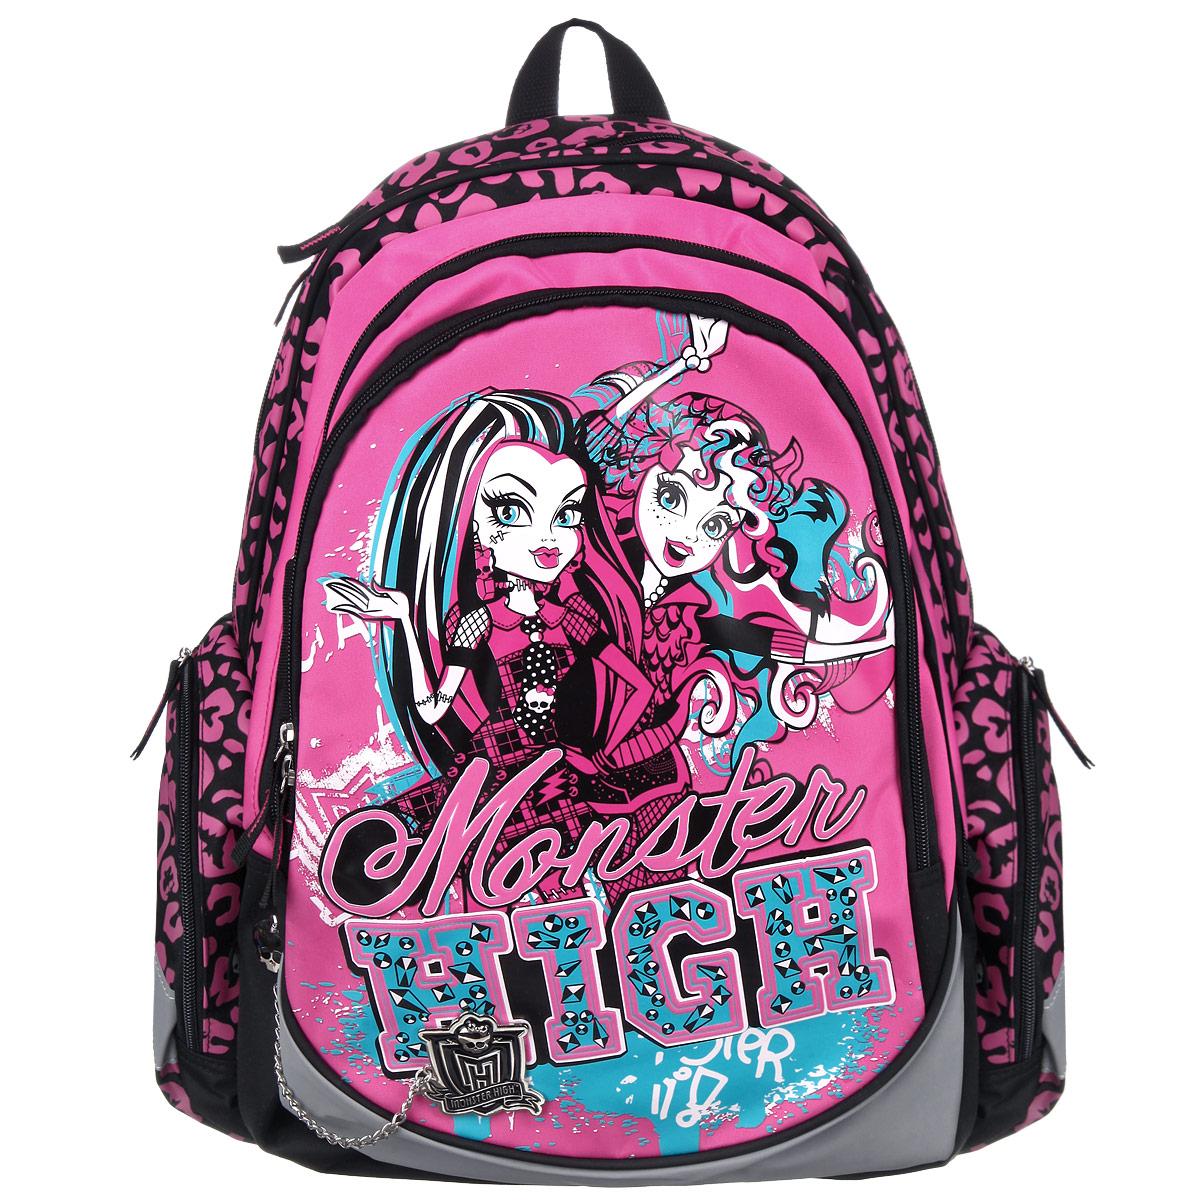 Рюкзак школьный Monster High, цвет: розовый, черный, серый. MHBB-RT2-9760044-GB01-P1Школьный рюкзак Monster High обязательно понравится вашей школьнице. Выполнен из современных водонепроницаемых, износостойких материалов и дополнен брендовым брелоком.Содержит два вместительных отделения, закрывающиеся на застежки-молнии. В большом отделении находится мягкий карман с хлястиком на липучке для различных гаджетов. Лицевая сторона оснащена накладным карманом на молнии, внутри которого имеются три открытых кармашка, карман на молнии и два отделения для пишущих принадлежностей. По бокам расположены два накладных кармана: на застежке-молнии. Спинка рюкзака дополнена мягкими подушечками для комфортной посадки, а сетчатый материал обеспечивает естественную вентиляцию и впитывание влаги, поэтому ребенку никогда не будет жарко. Лямки регулируются по длине, поэтому ранец легко видоизменяется вместе с ростом ребенка. Рюкзак оснащен текстильной ручкой для удобной переноски в руке. Светоотражающие элементы обеспечивают безопасность в темное время суток.Многофункциональный школьный рюкзак станет незаменимым спутником вашего ребенка в походах за знаниями.Рекомендуемый возраст: от 10 лет.